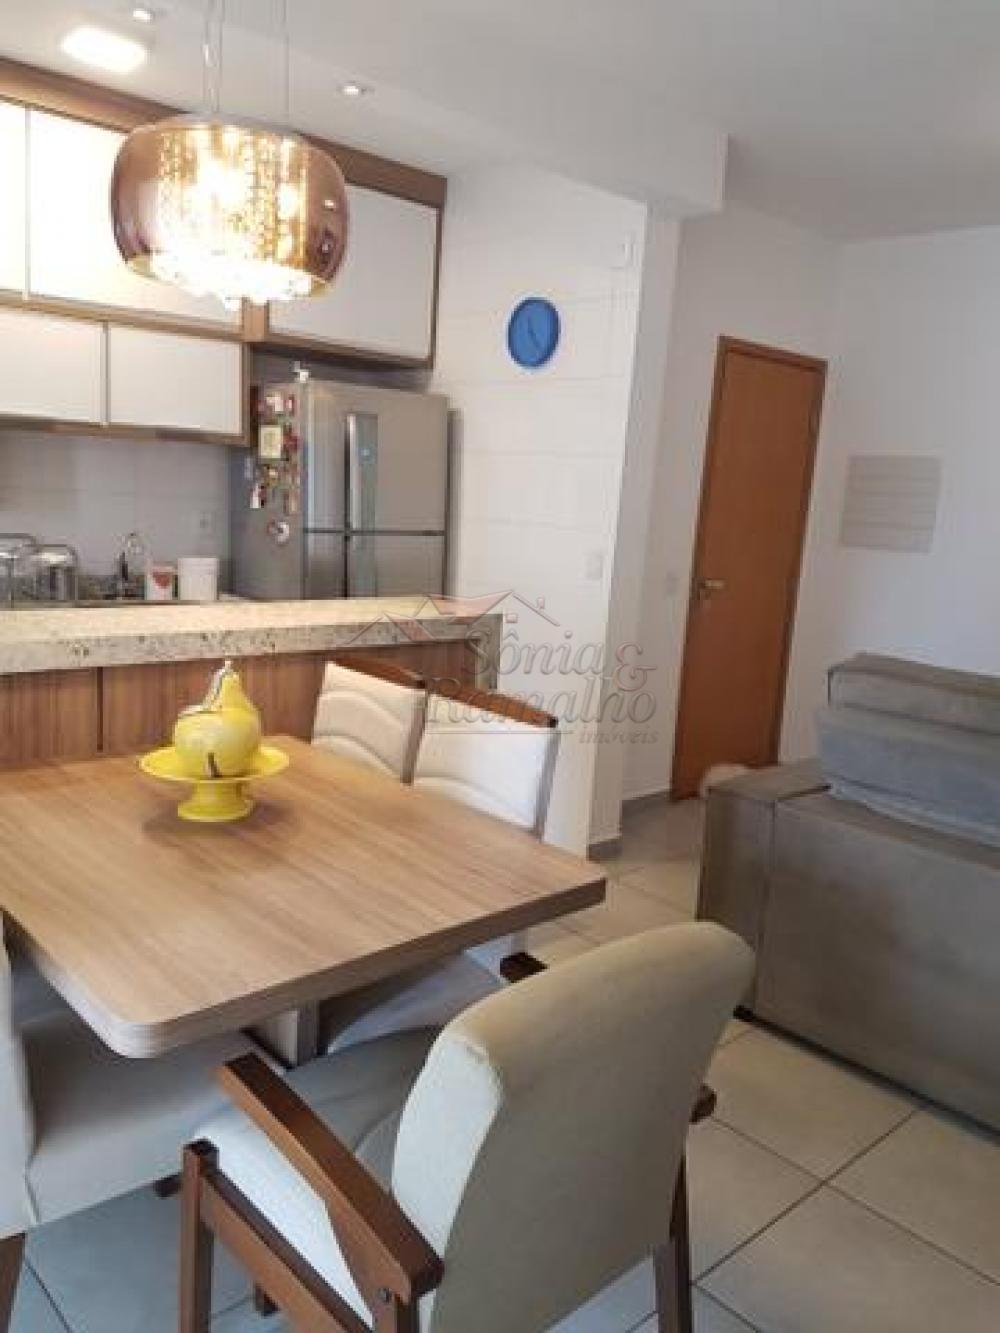 Comprar Apartamentos / Padrão em Ribeirão Preto apenas R$ 300.000,00 - Foto 4